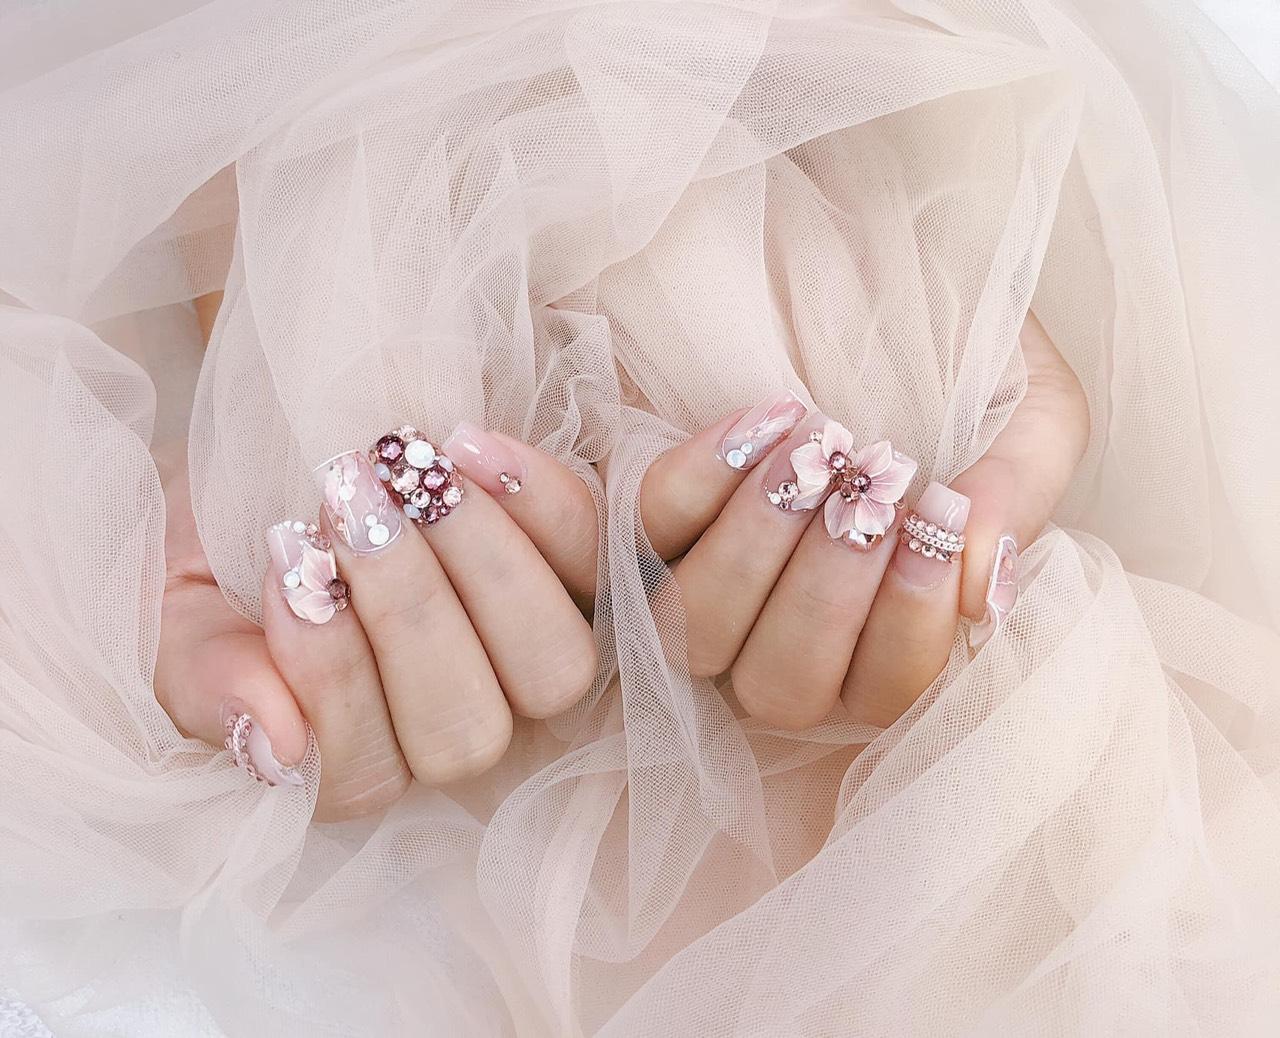 Chang nails 1